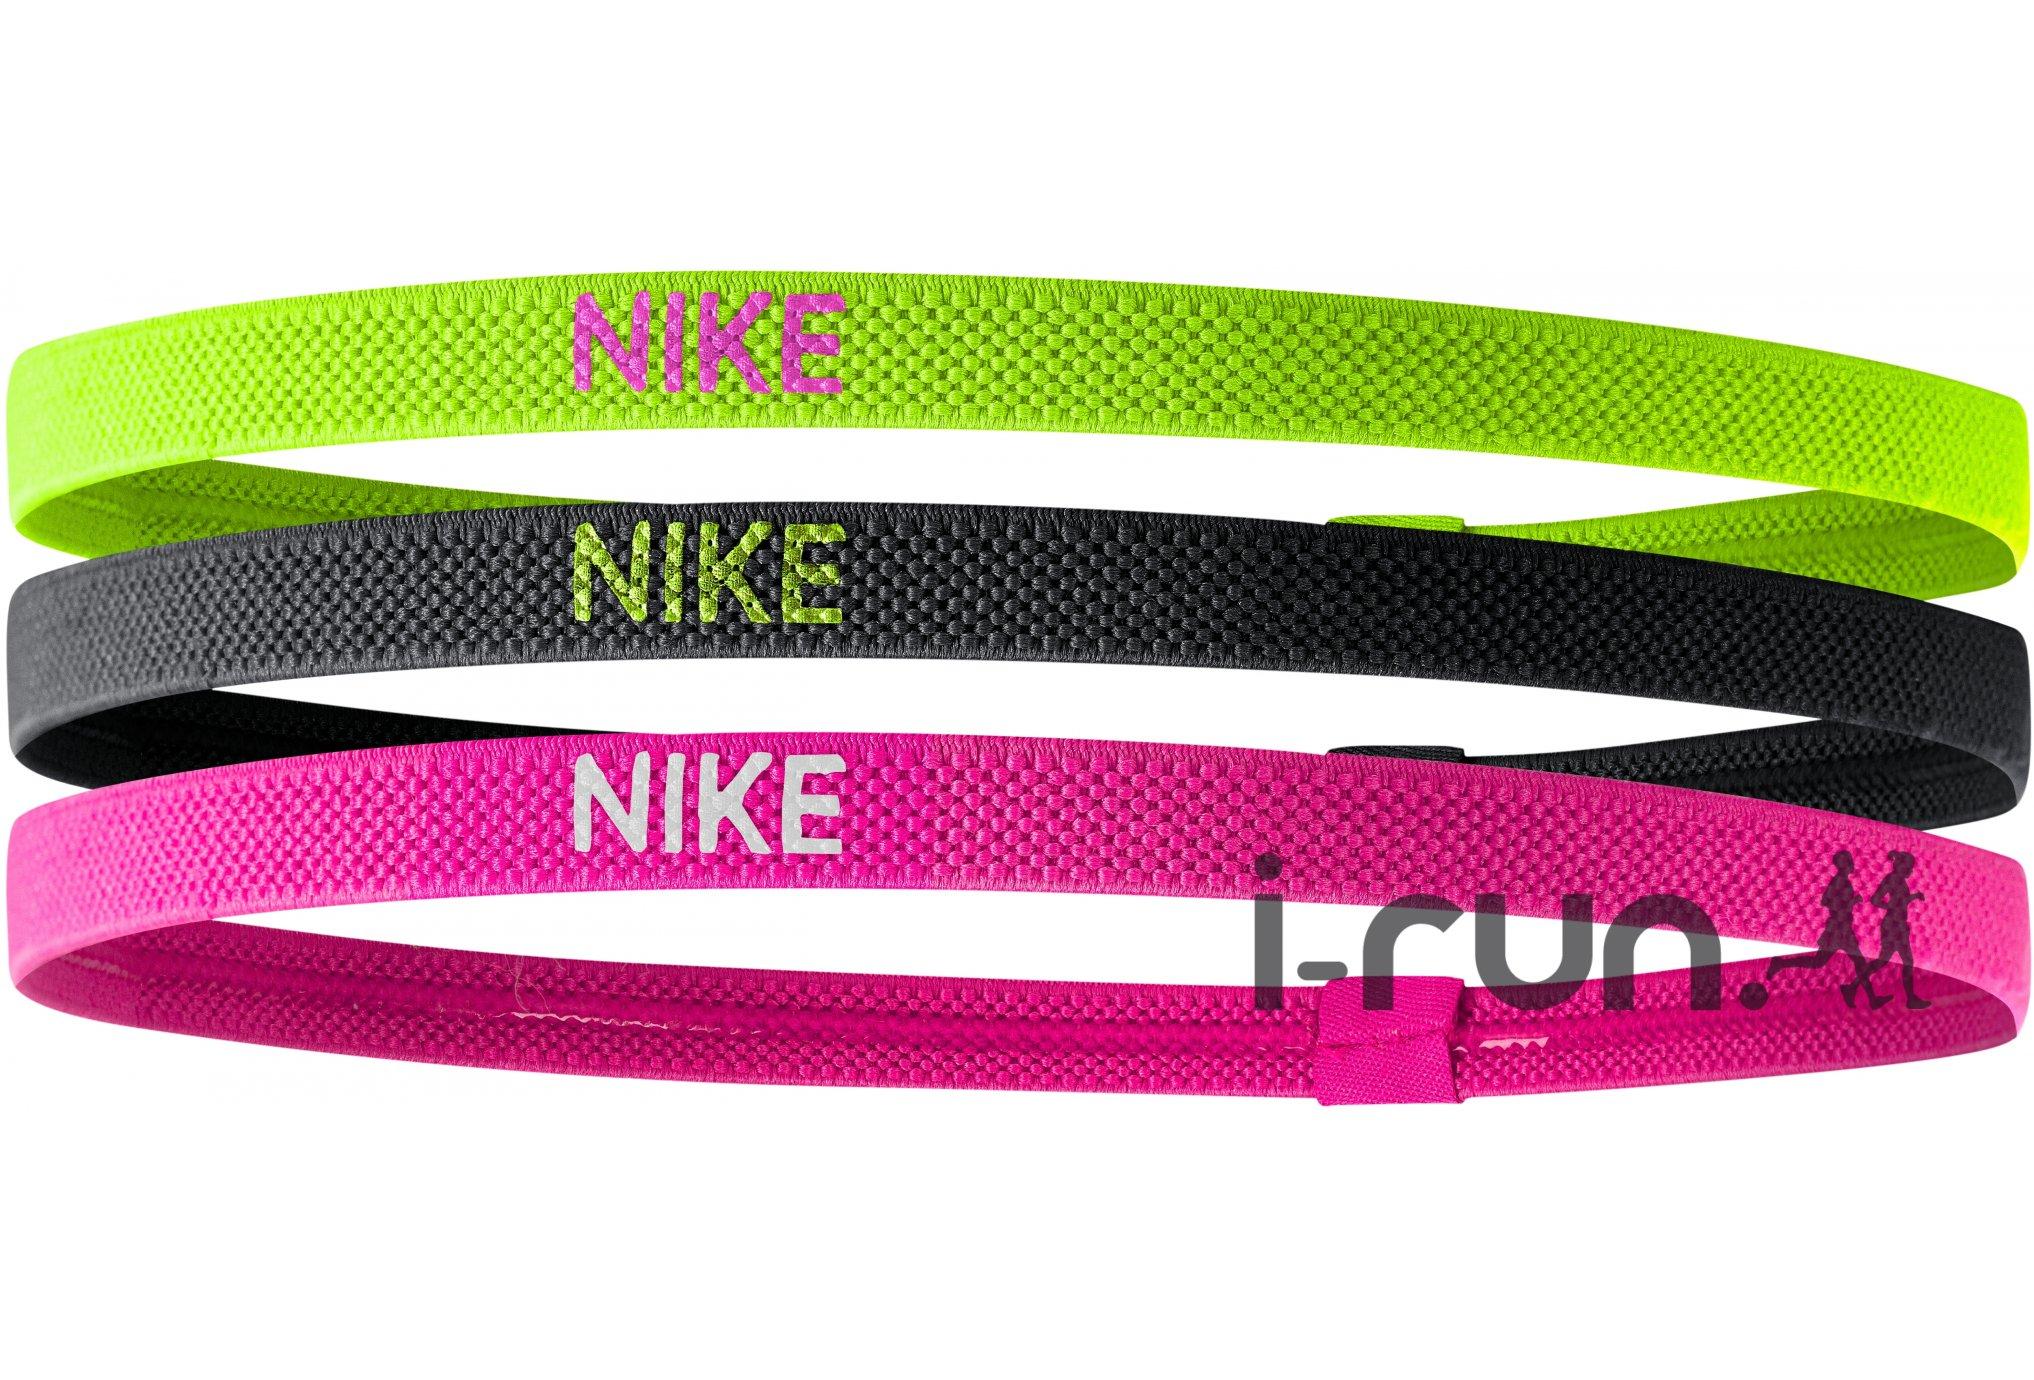 Nike Elastiques Hairbands x3 Casquettes / bandeaux